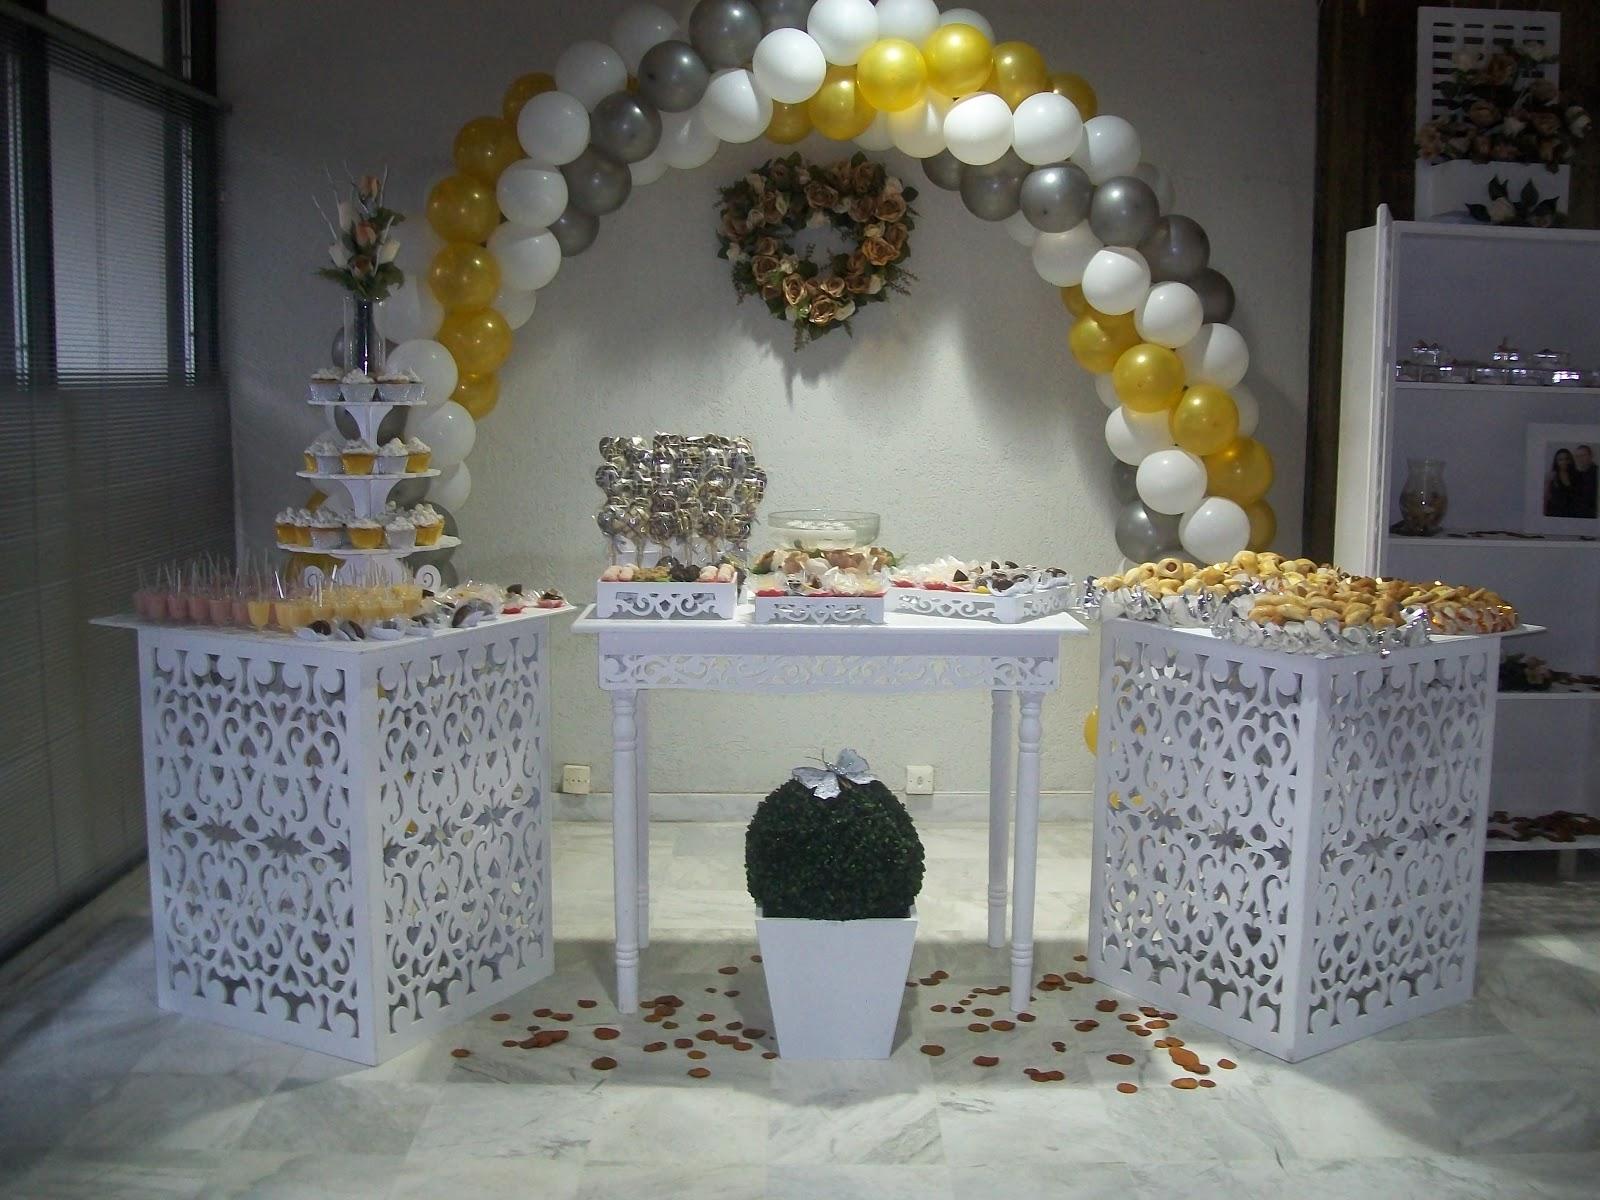 decoracao festa noivado:Arte Trecos e Mimos: Decoração de noivado.